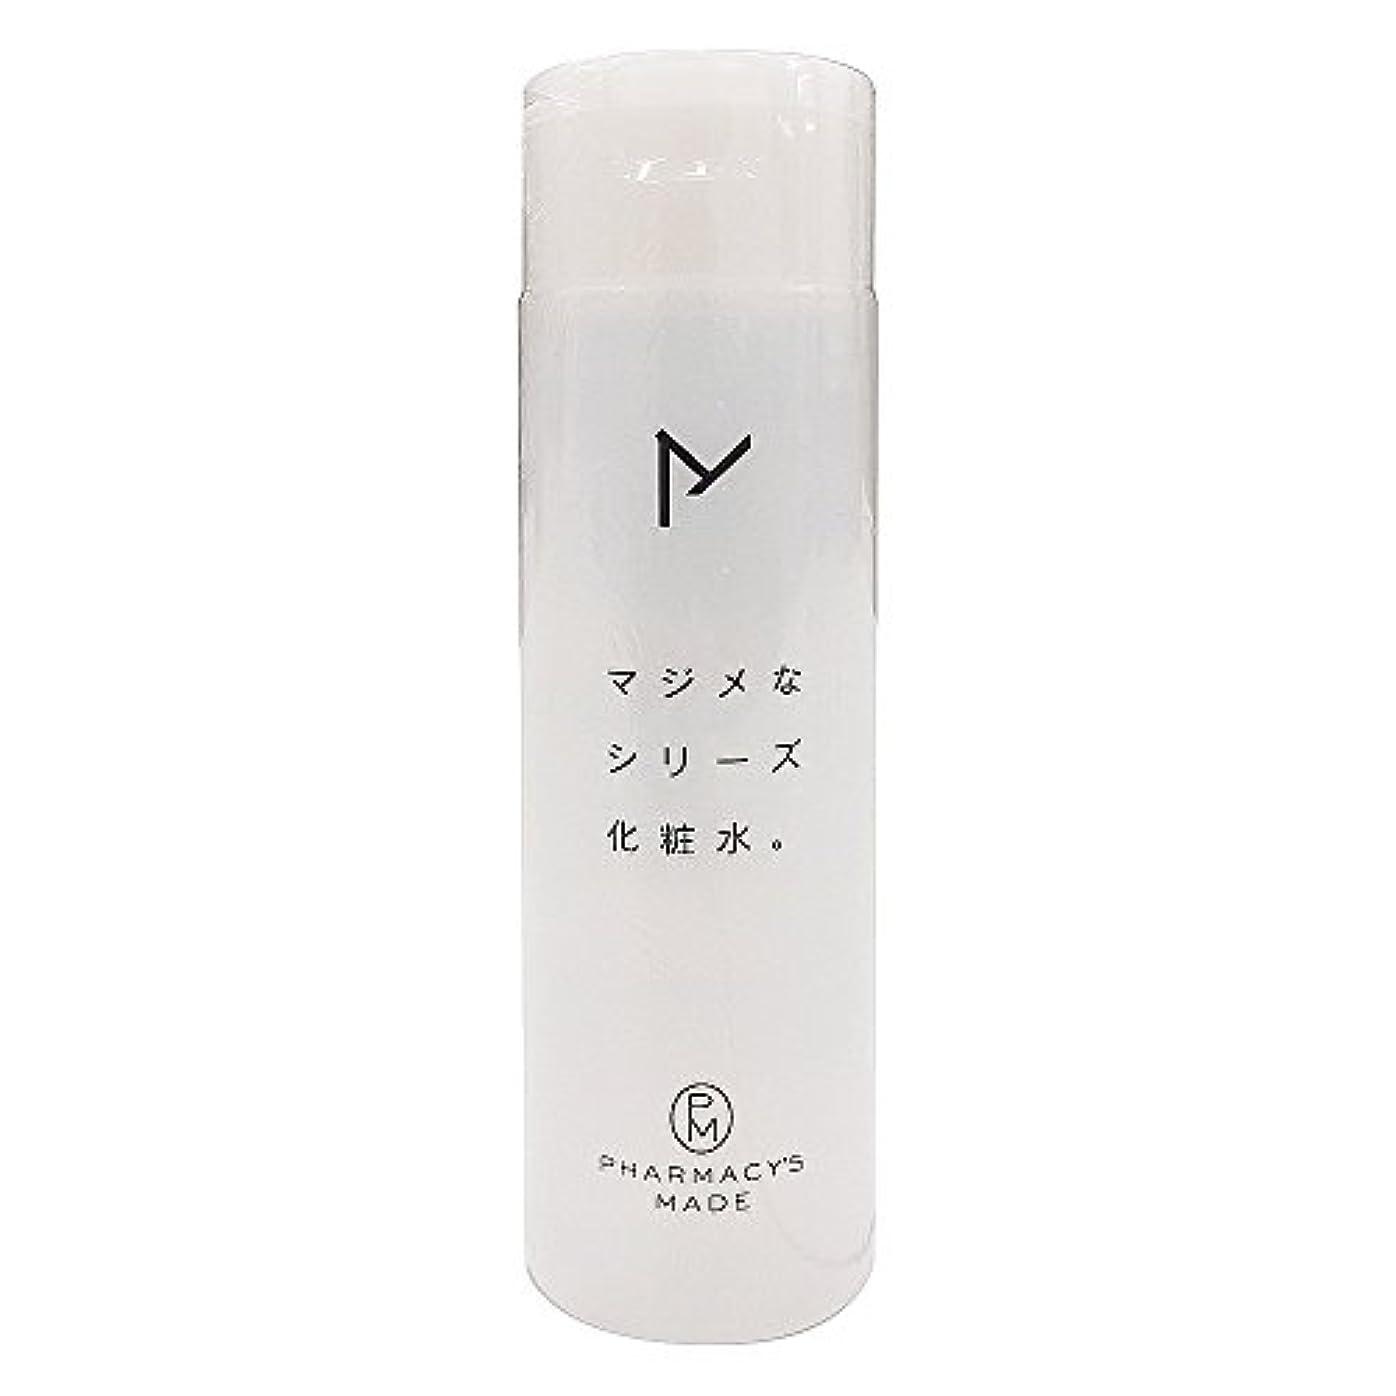 スワップ集中的なために水橋保寿堂製薬 マジメなシリーズ化粧水。 200ml